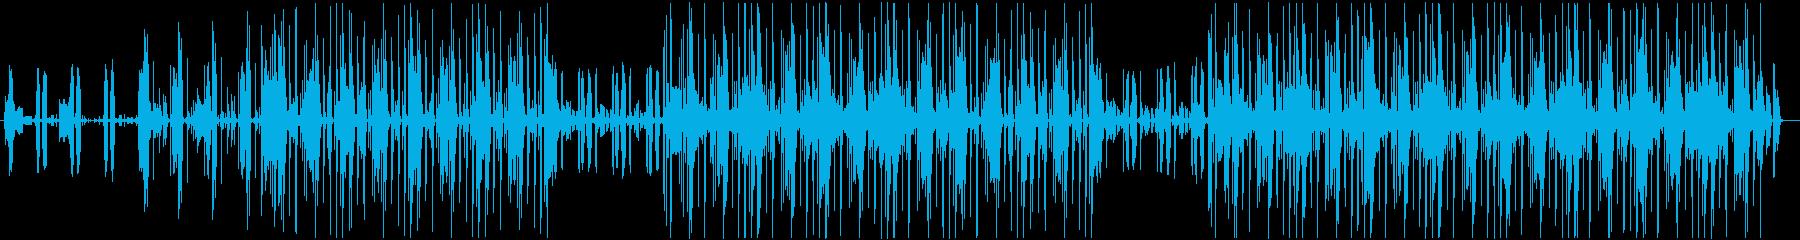 [オシャレ]CityPopなHiphopの再生済みの波形